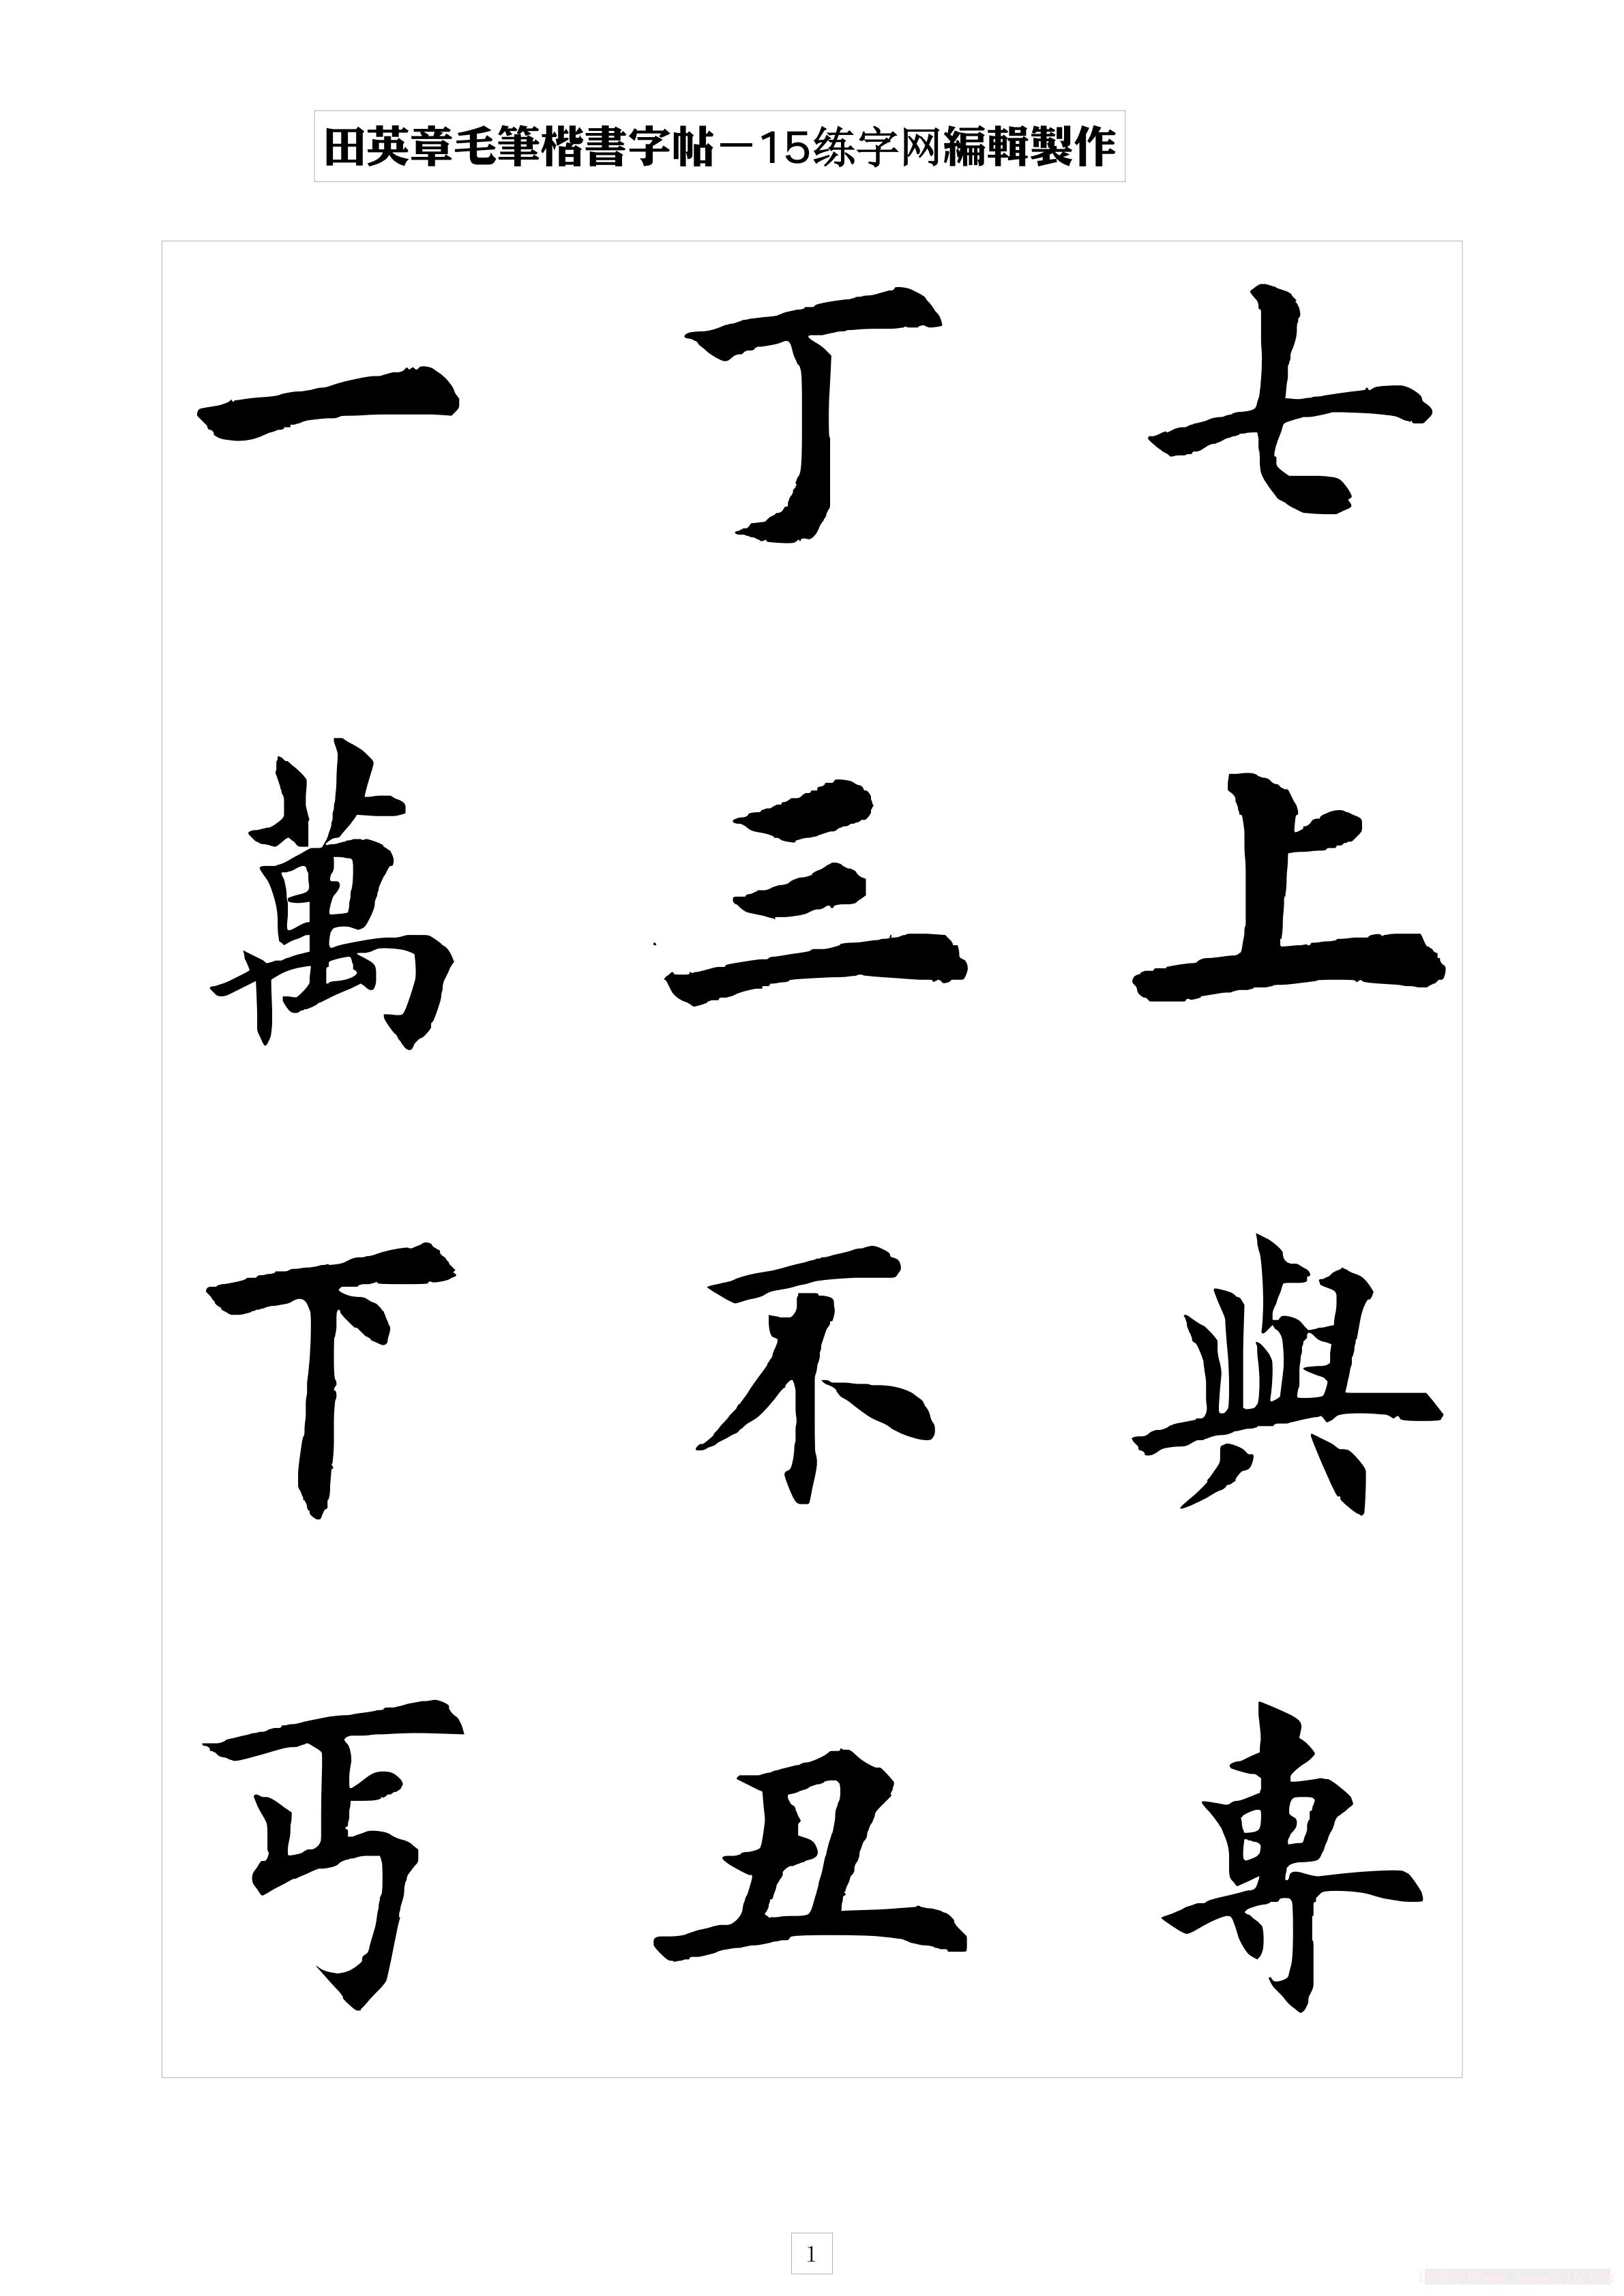 田英章毛笔楷书字帖范本(1)